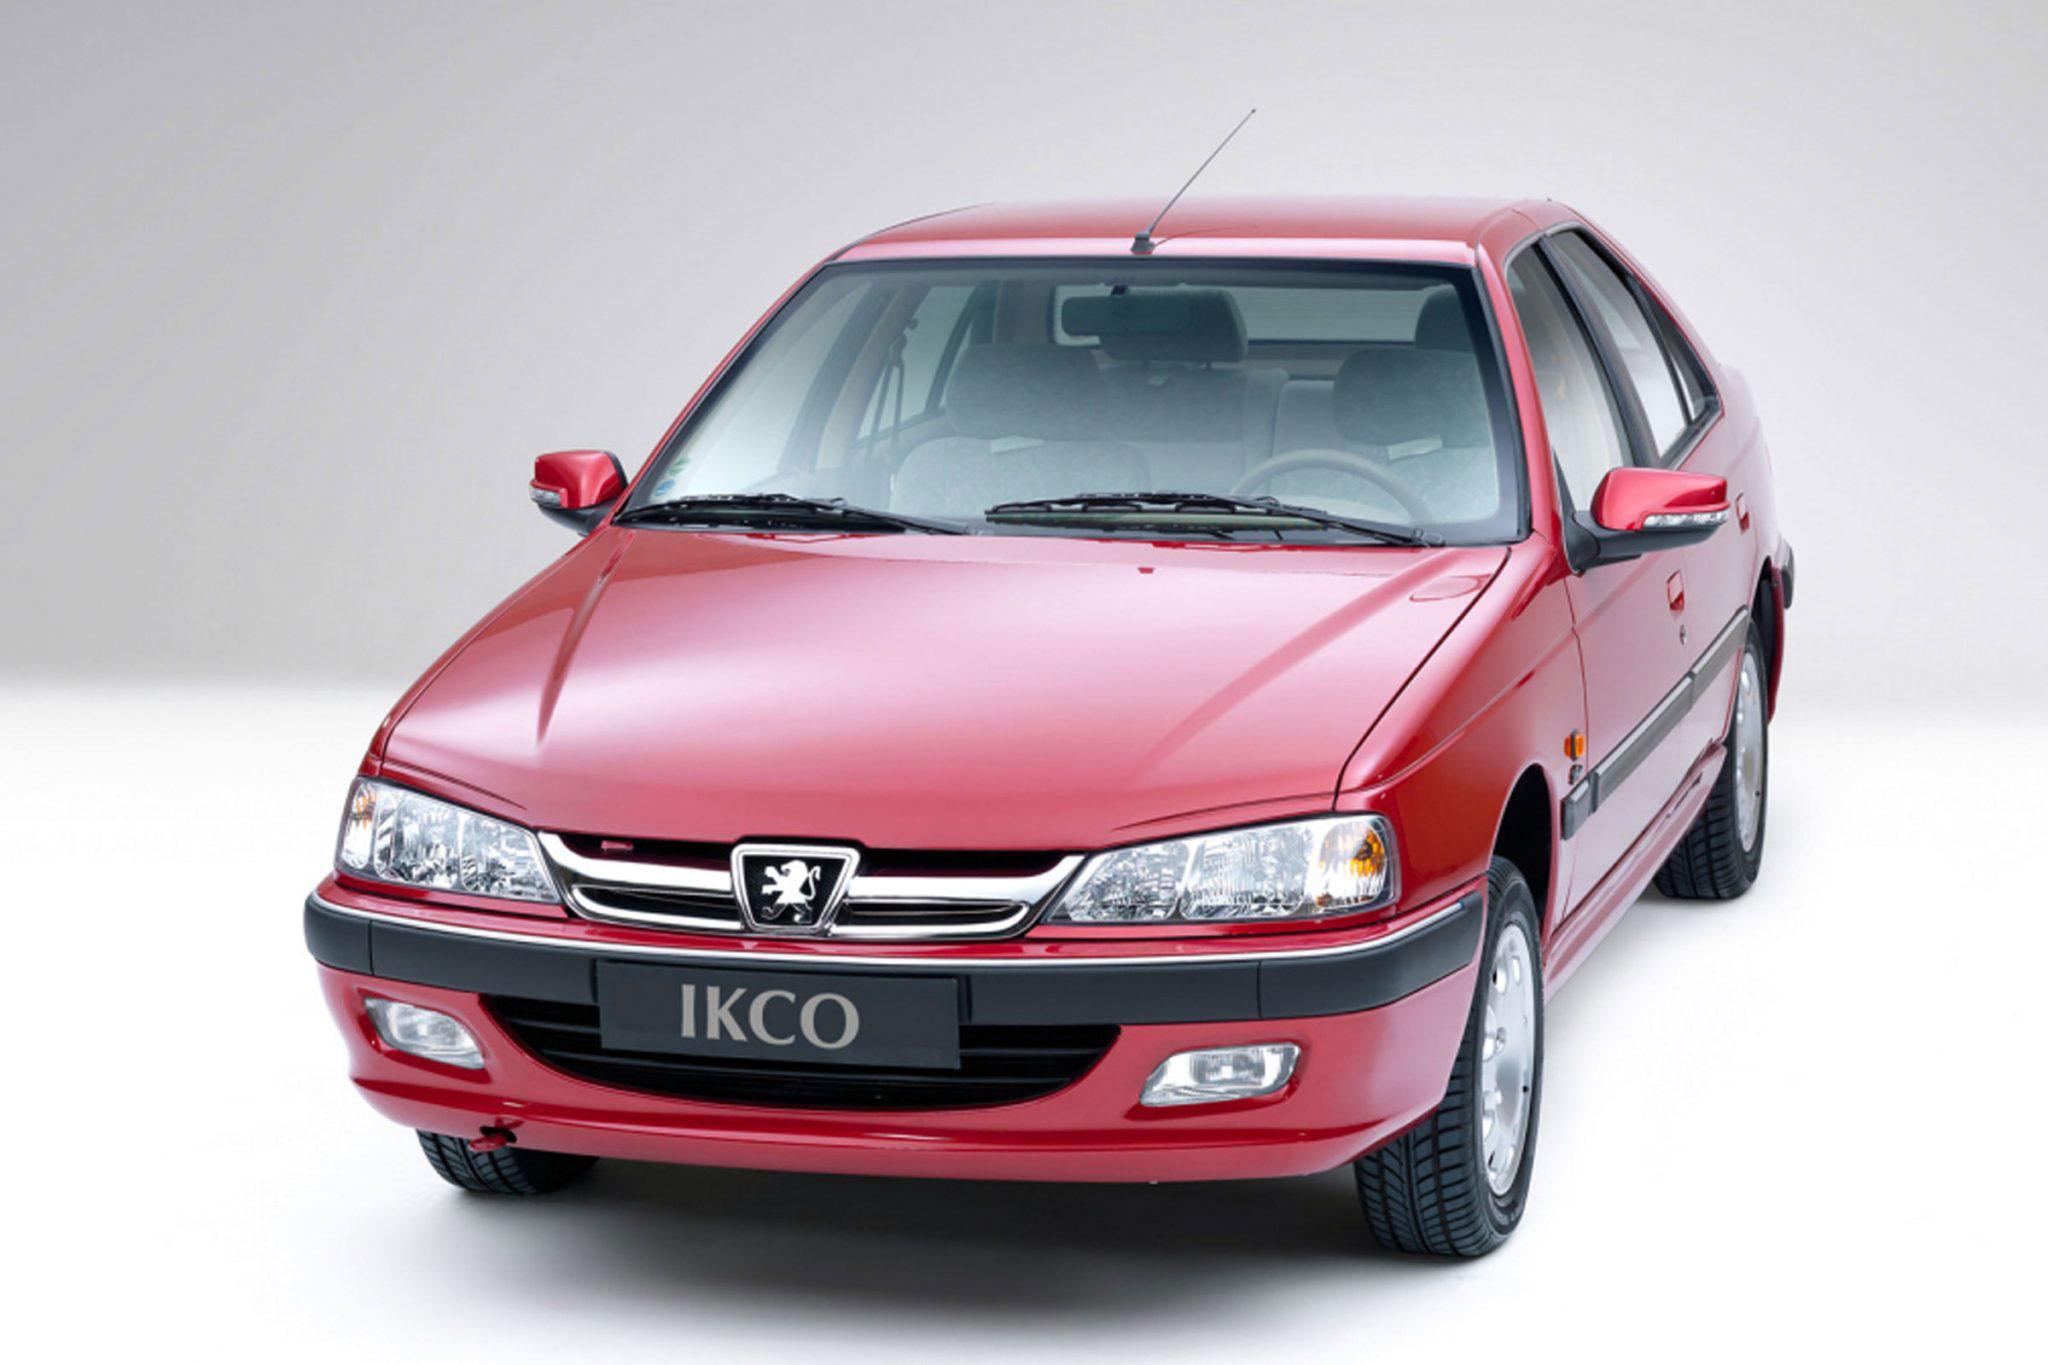 قیمت پژو پارس سال مرداد ۹۸ توسط ایران خودرو اعلام شد